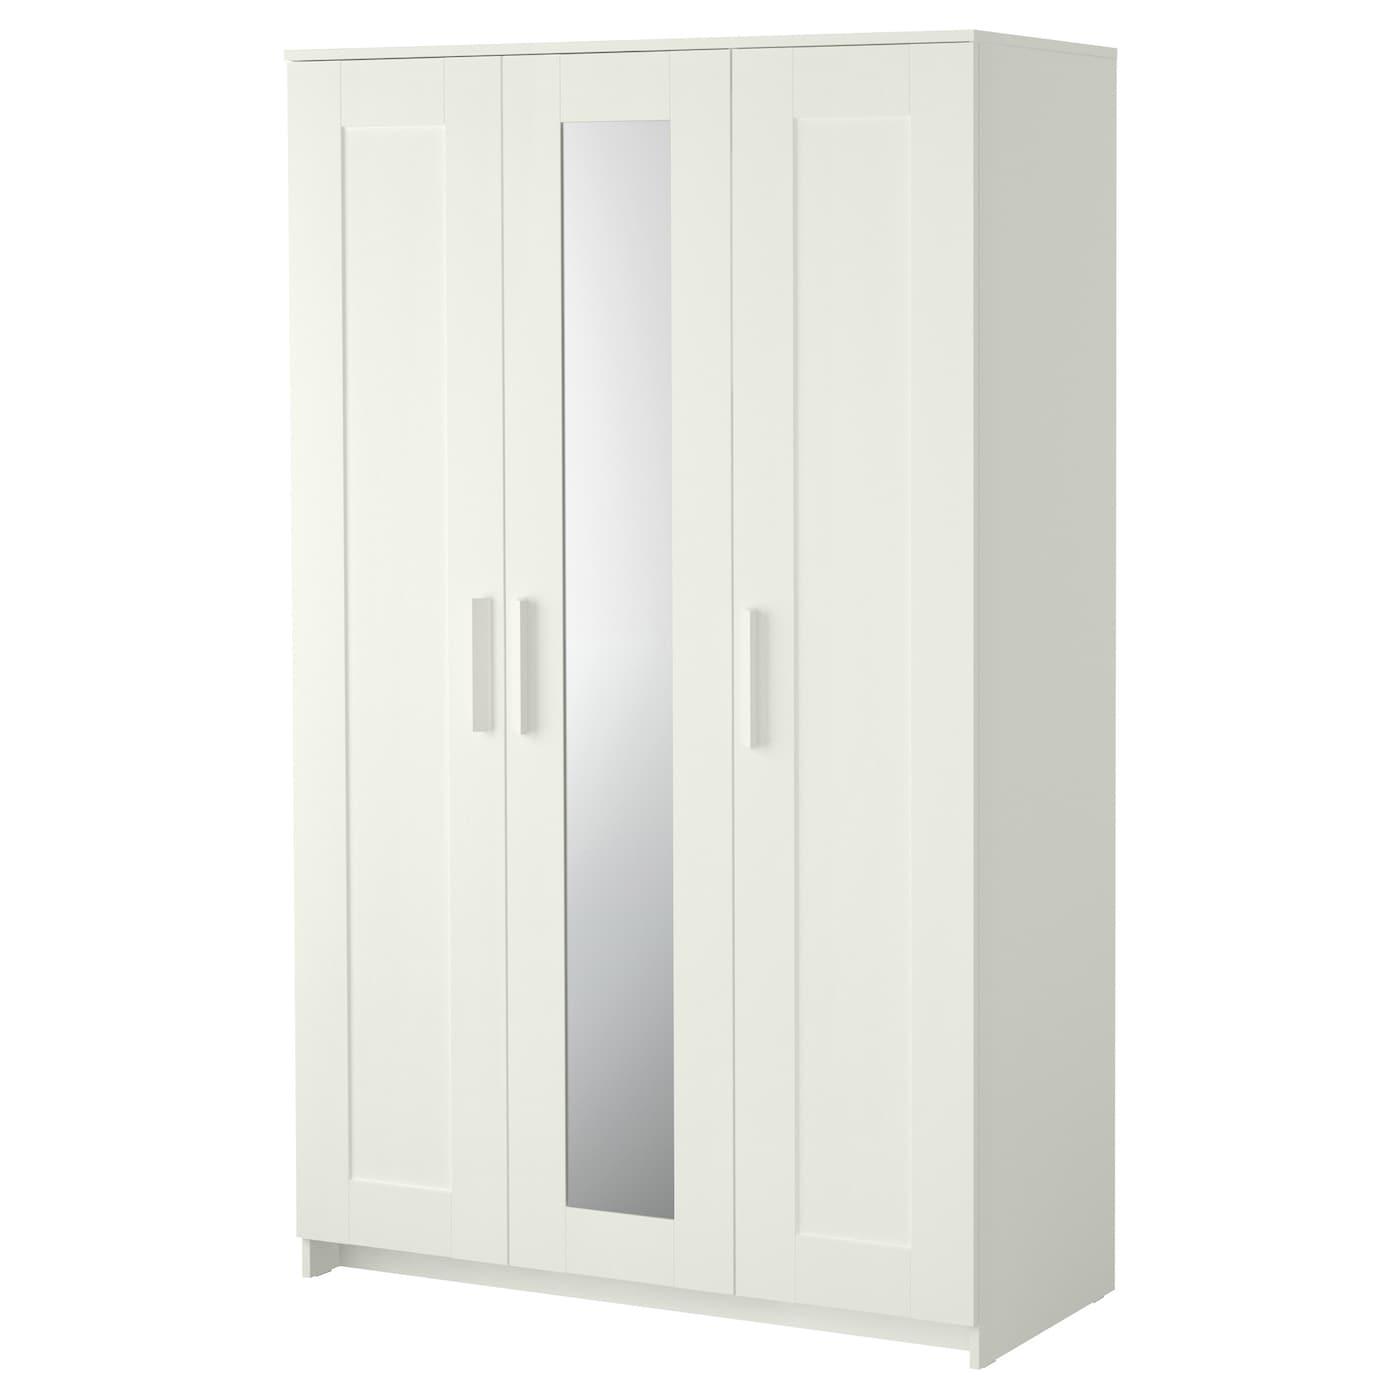 Armario con 3 puertas, blanco